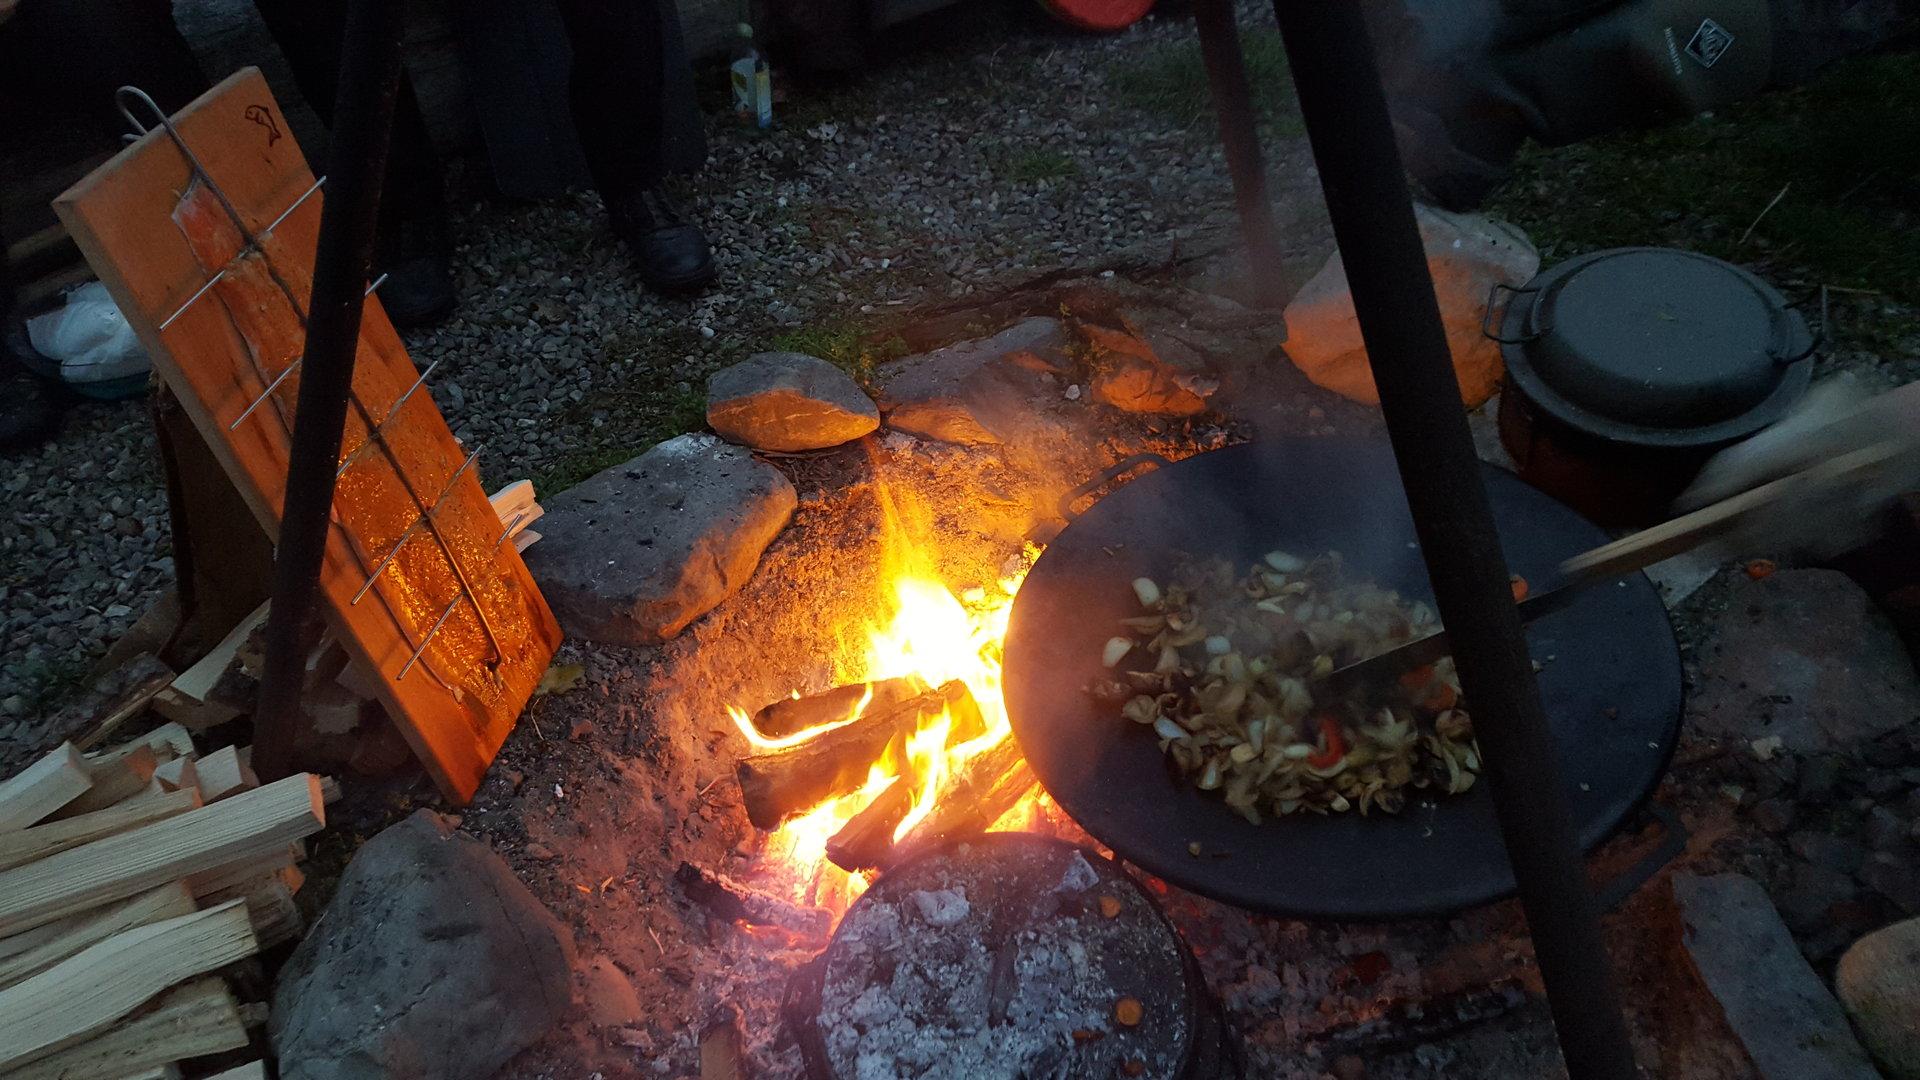 Outdoorküche Zubehör Schweiz : Feuer workshop mit outdoorküche und Übernachtung im tipi abenteuer